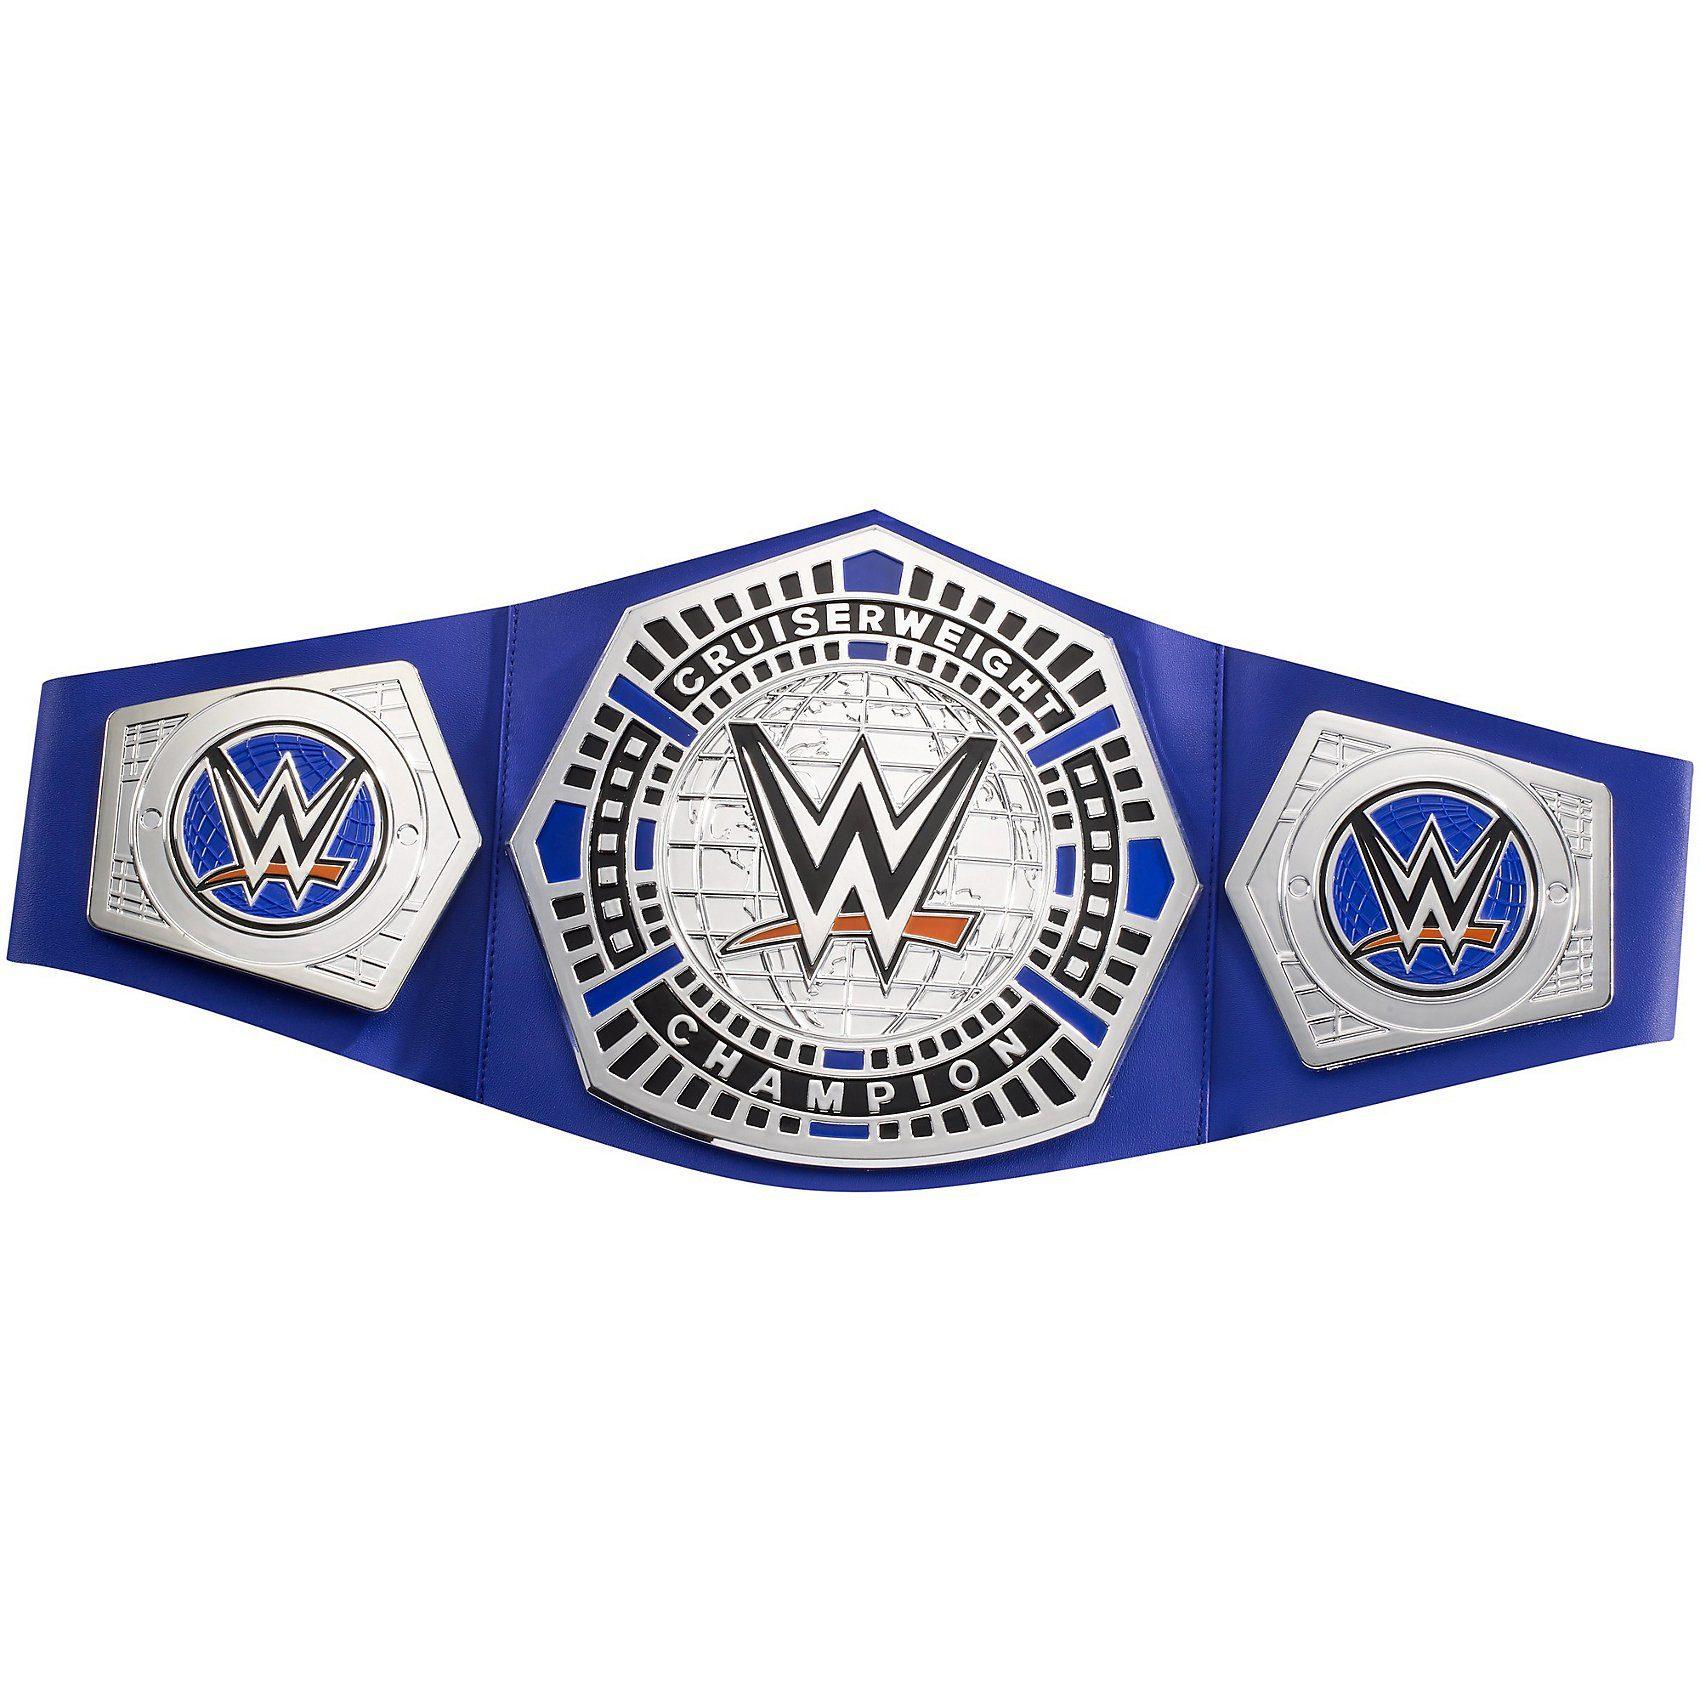 Mattel® WWE Championship Gürtel Cruiserweight